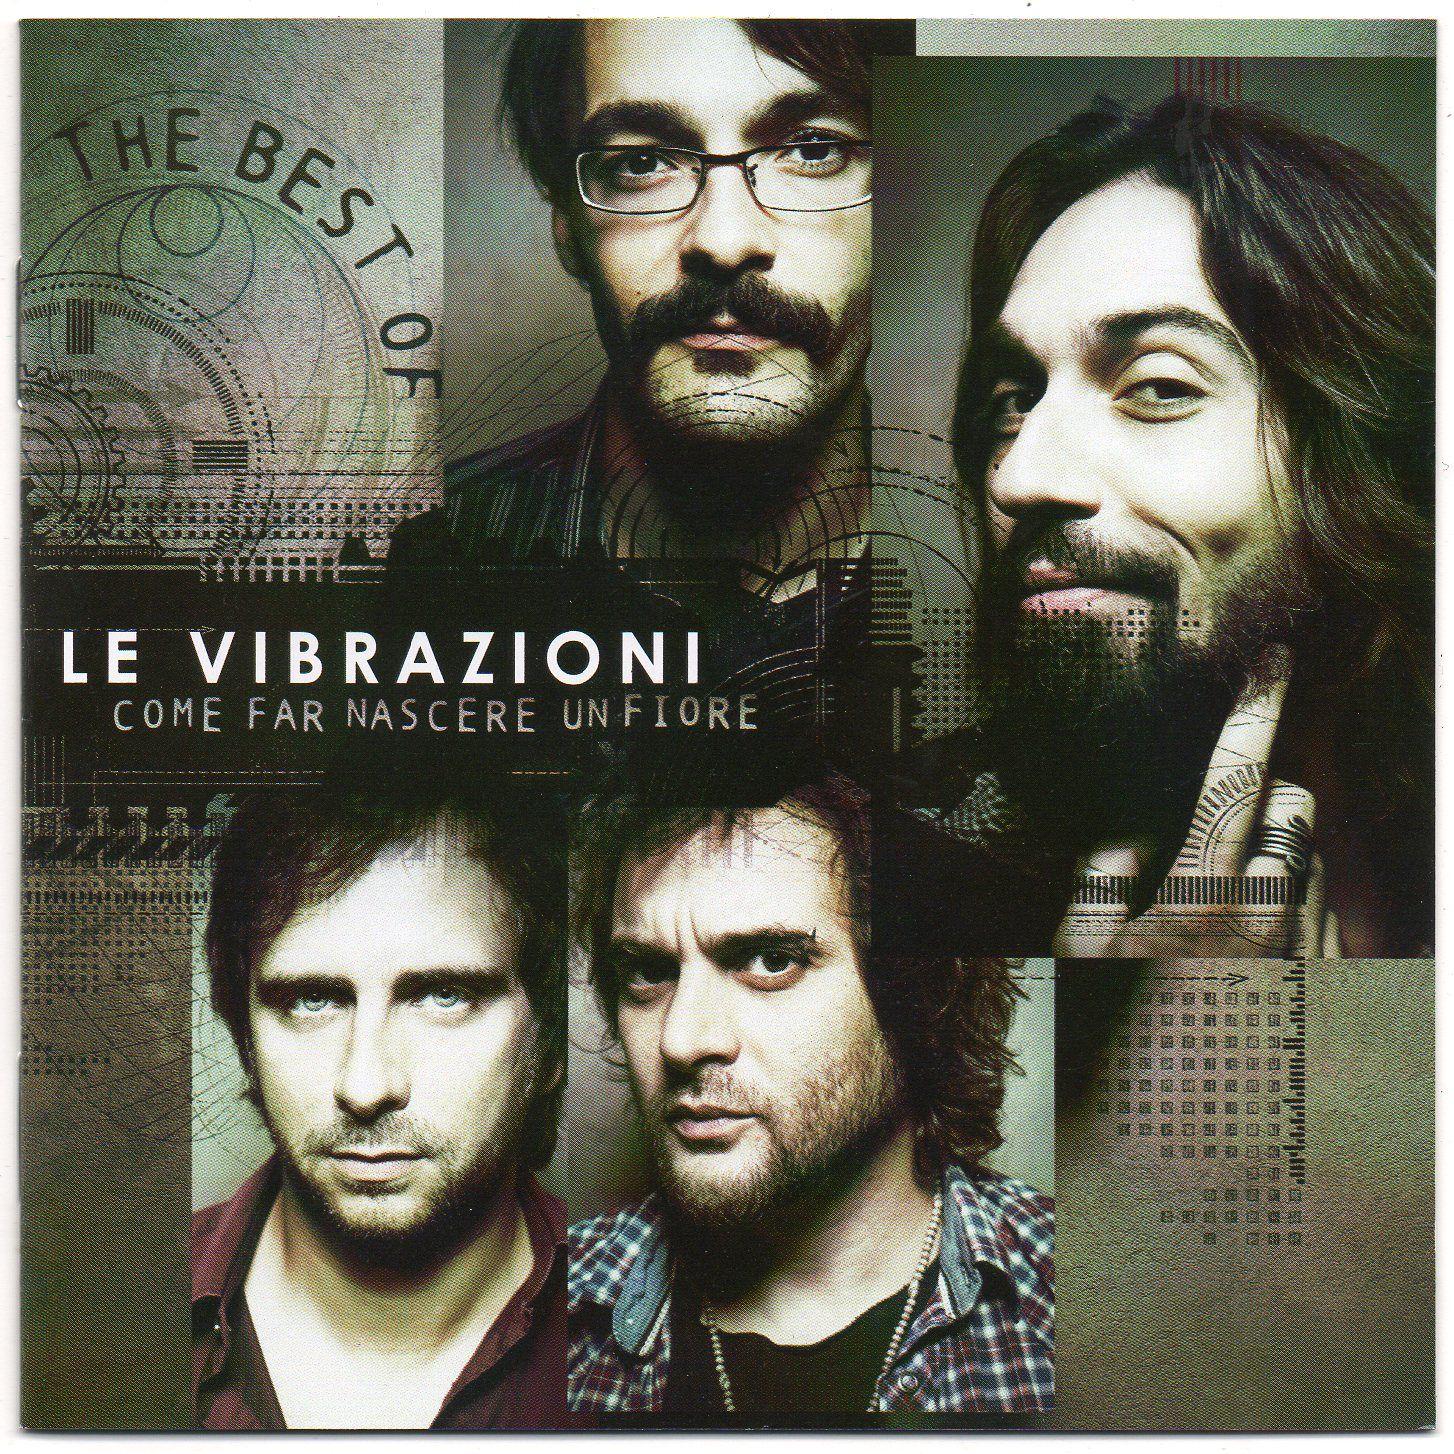 Le Vibrazioni - Come Far Nascere Un Fiore - The Best Of album cover